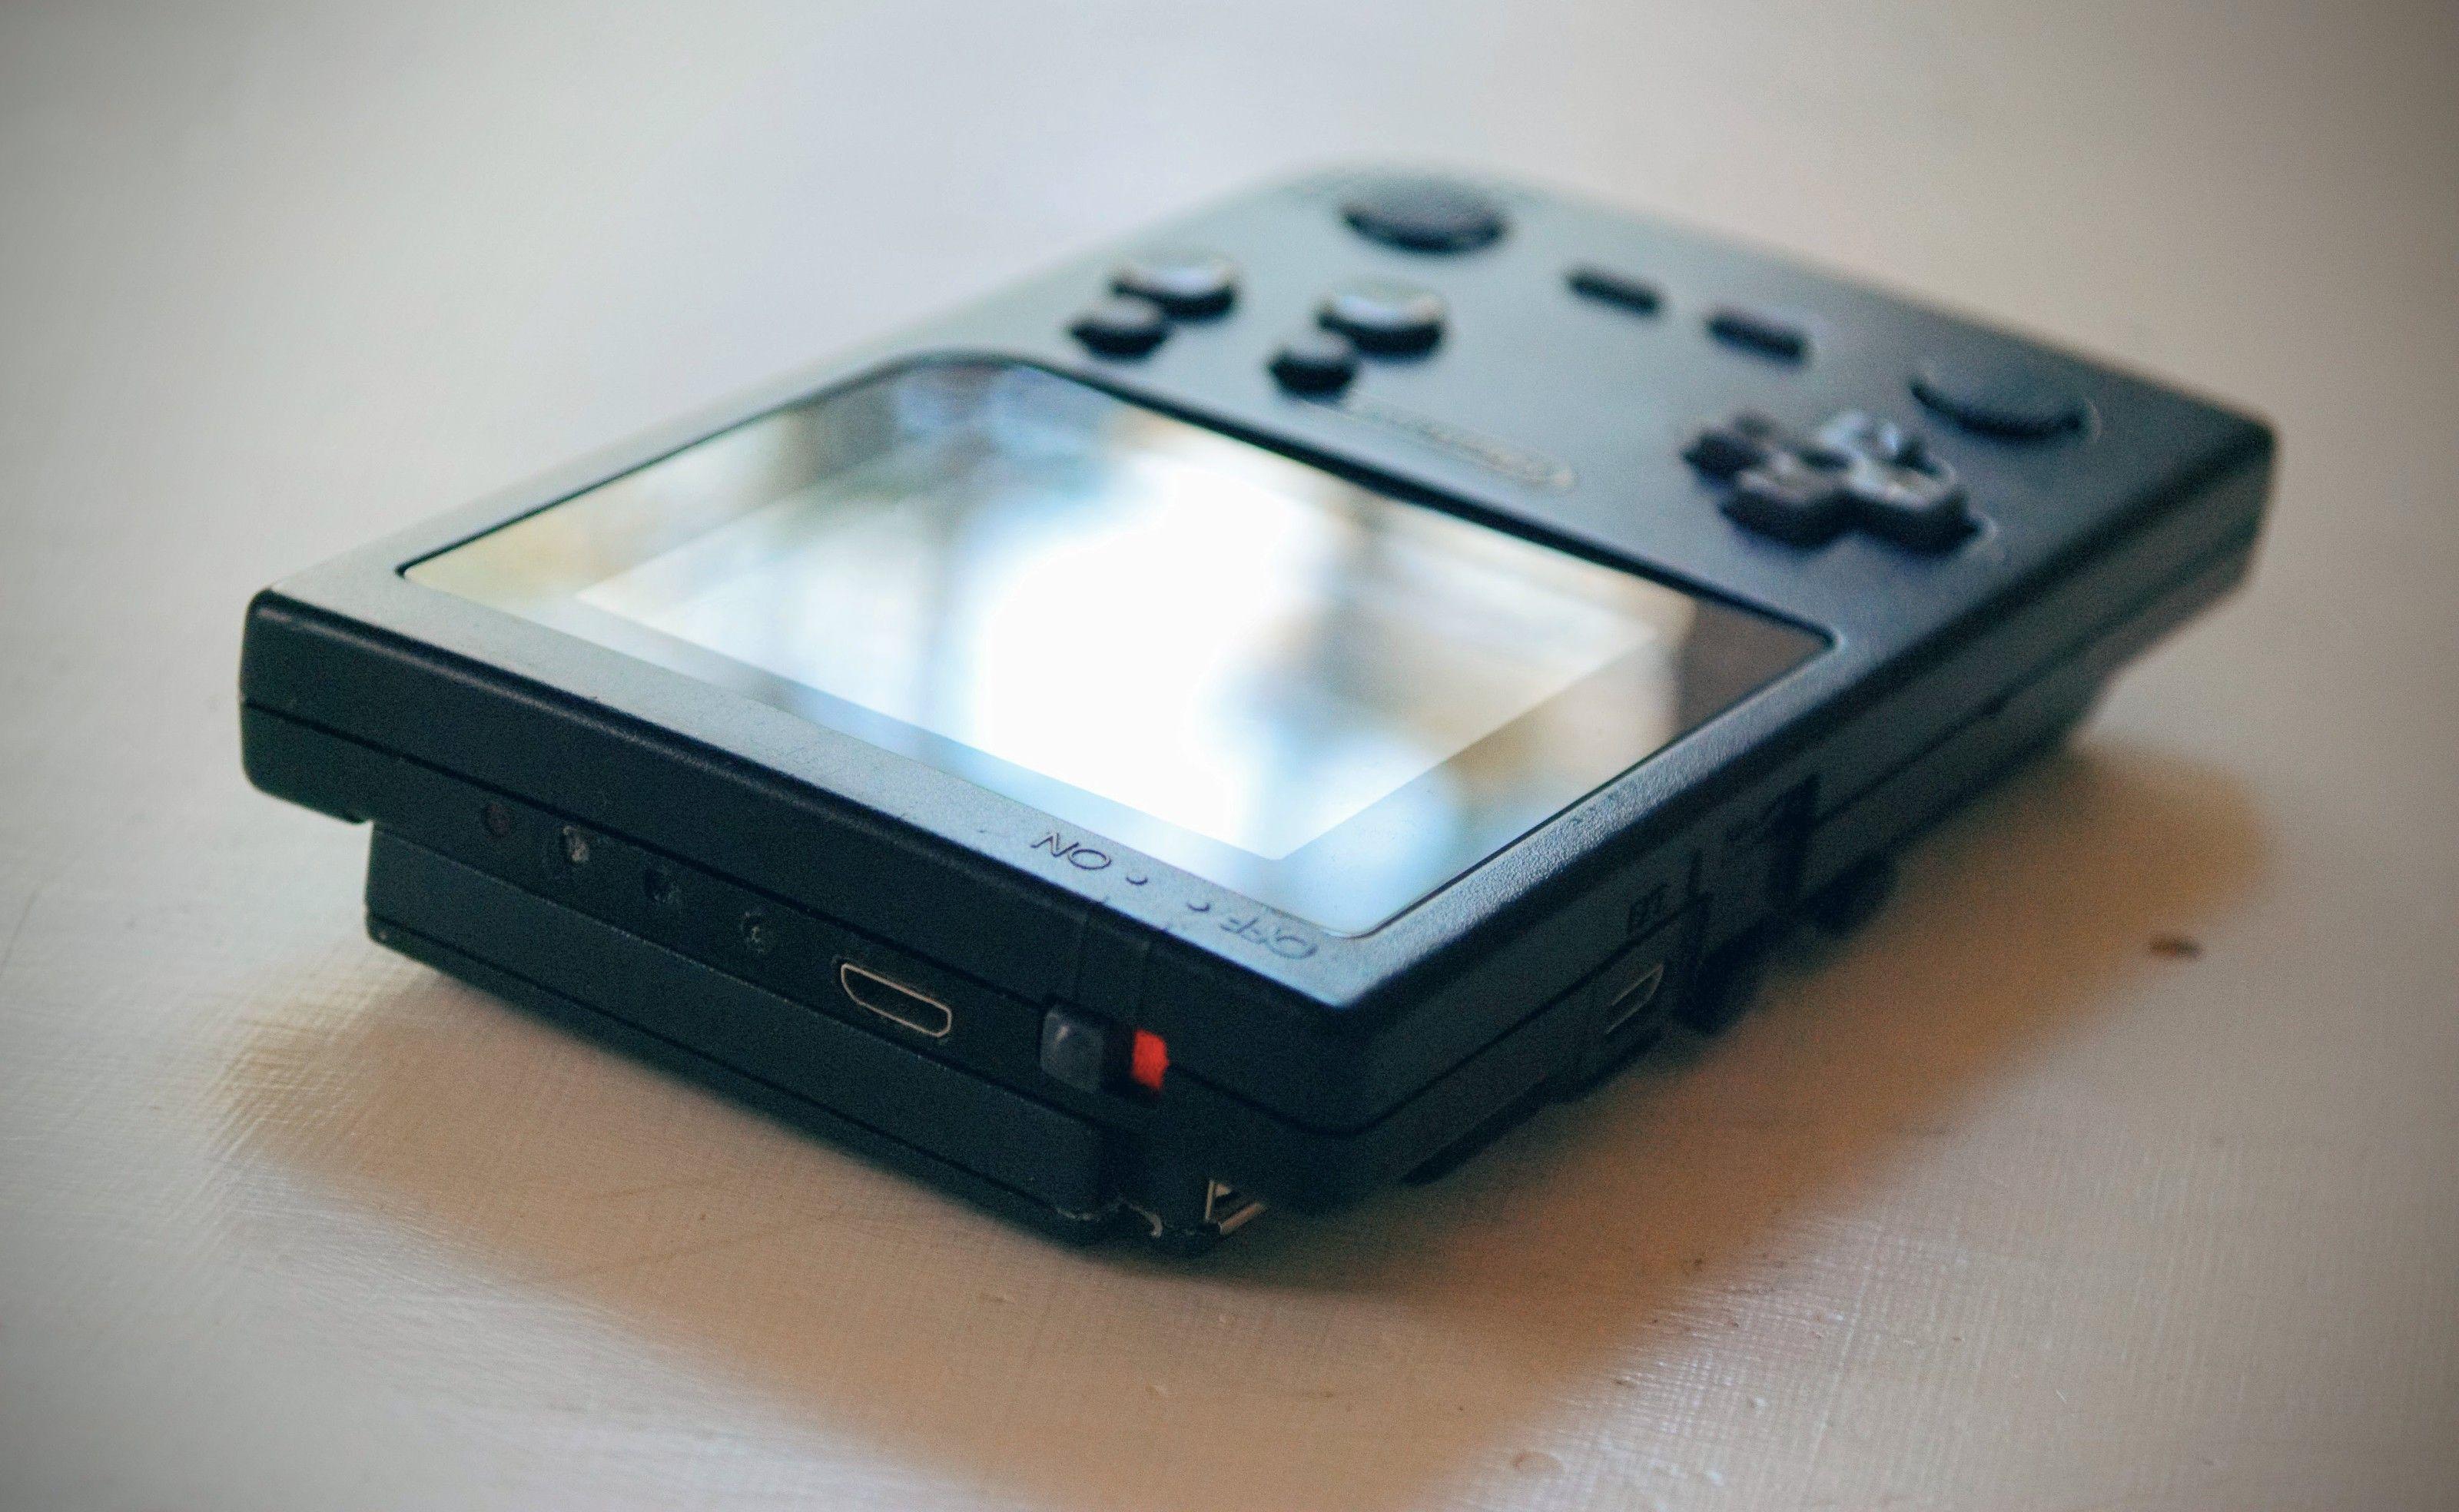 PiSP Pocket: Raspberry Pi 3 crammed inside a Gameboy Pocket, capable